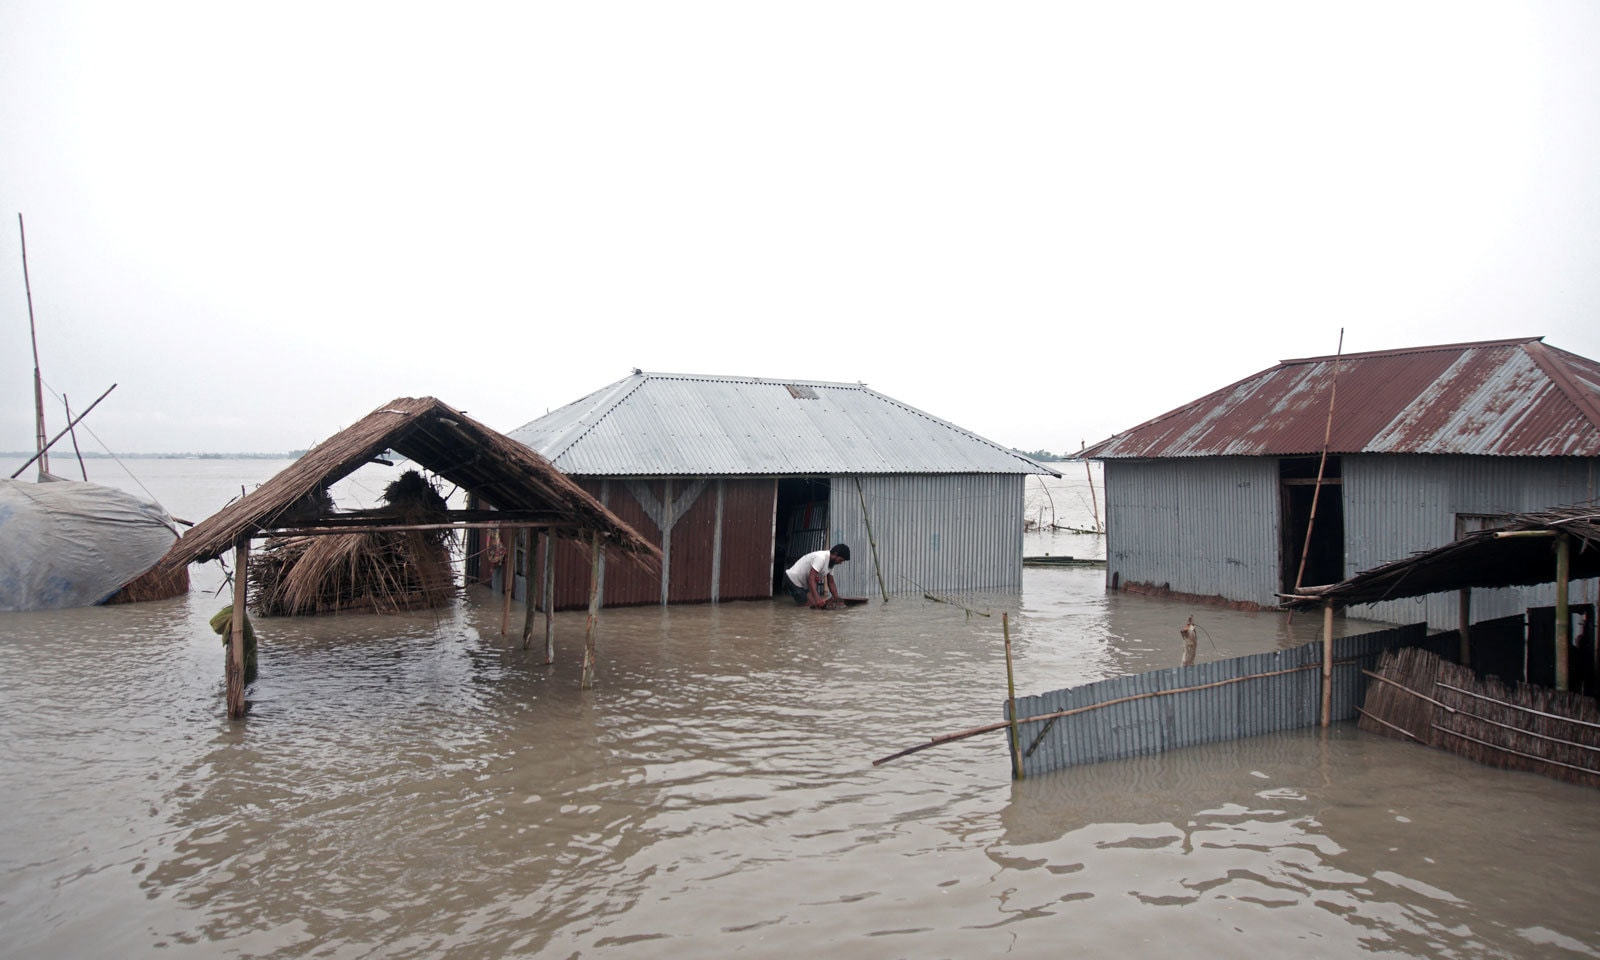 بنگلہ دیش کے رنگ پور ڈویژن میں واقع ضلع کری گرام میں بارشوں کے بعد پورا علاقہ زیر آب آ گیا— فوٹو: رائٹرز